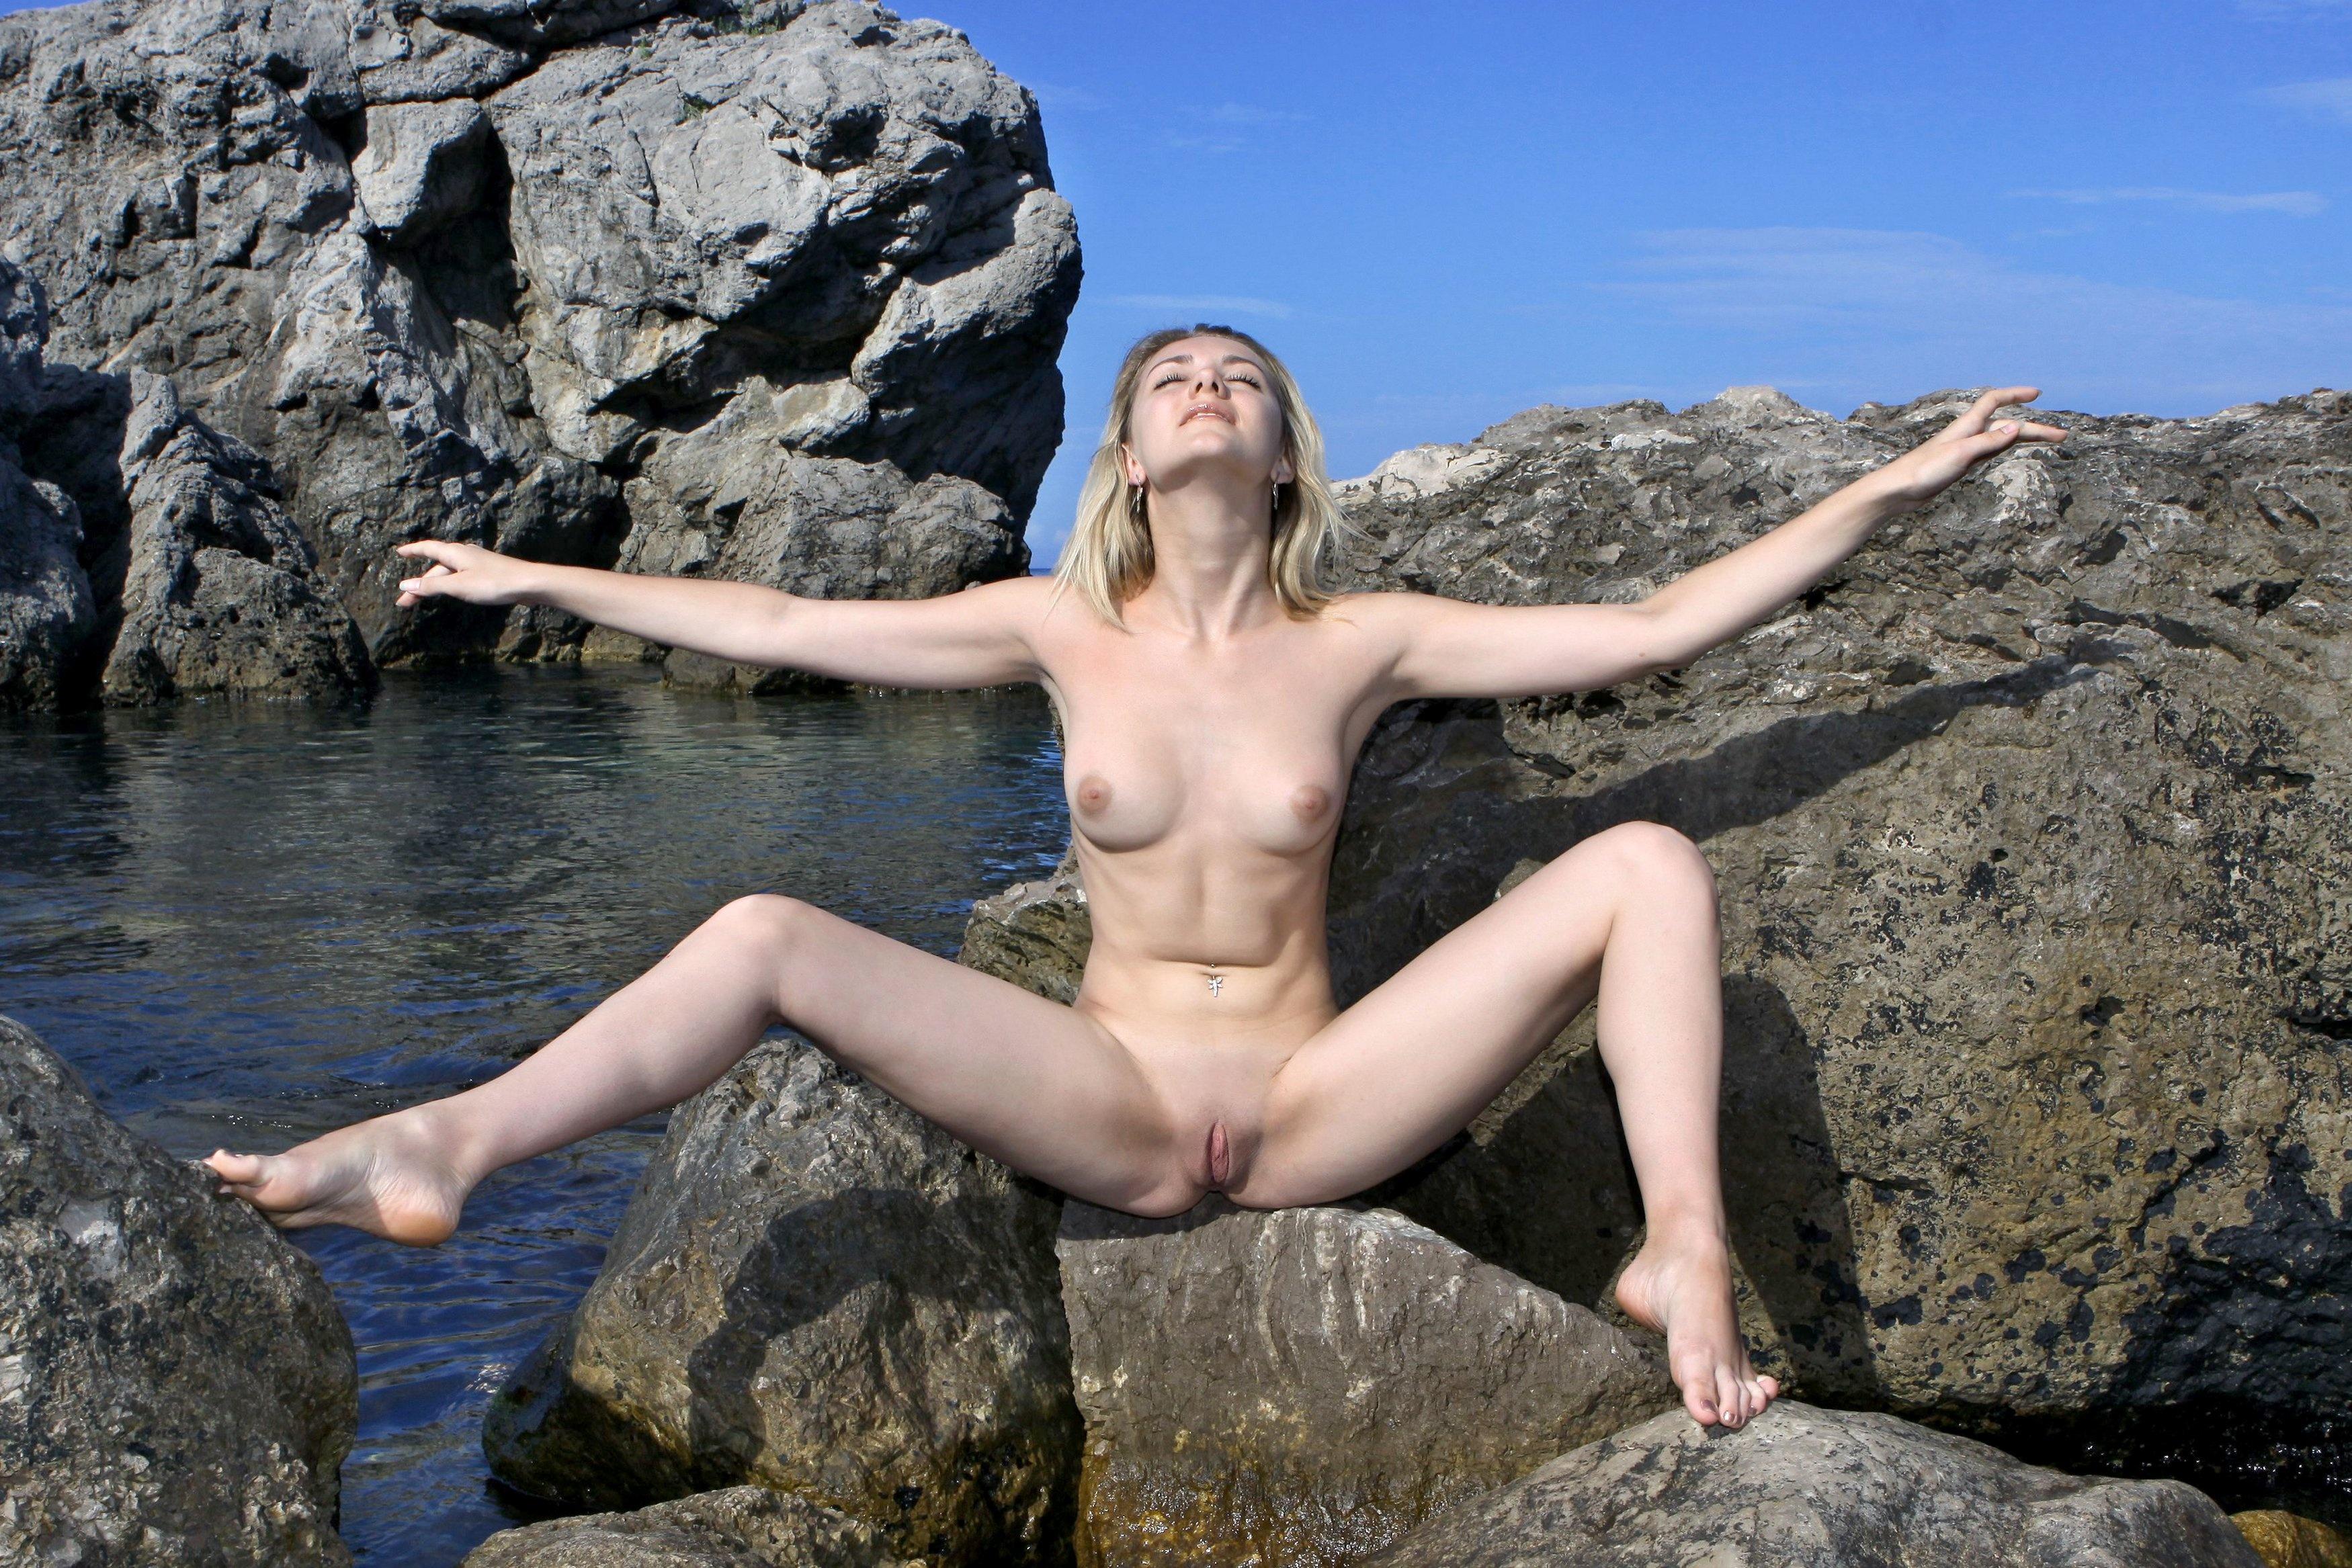 hot skinny blonde nude